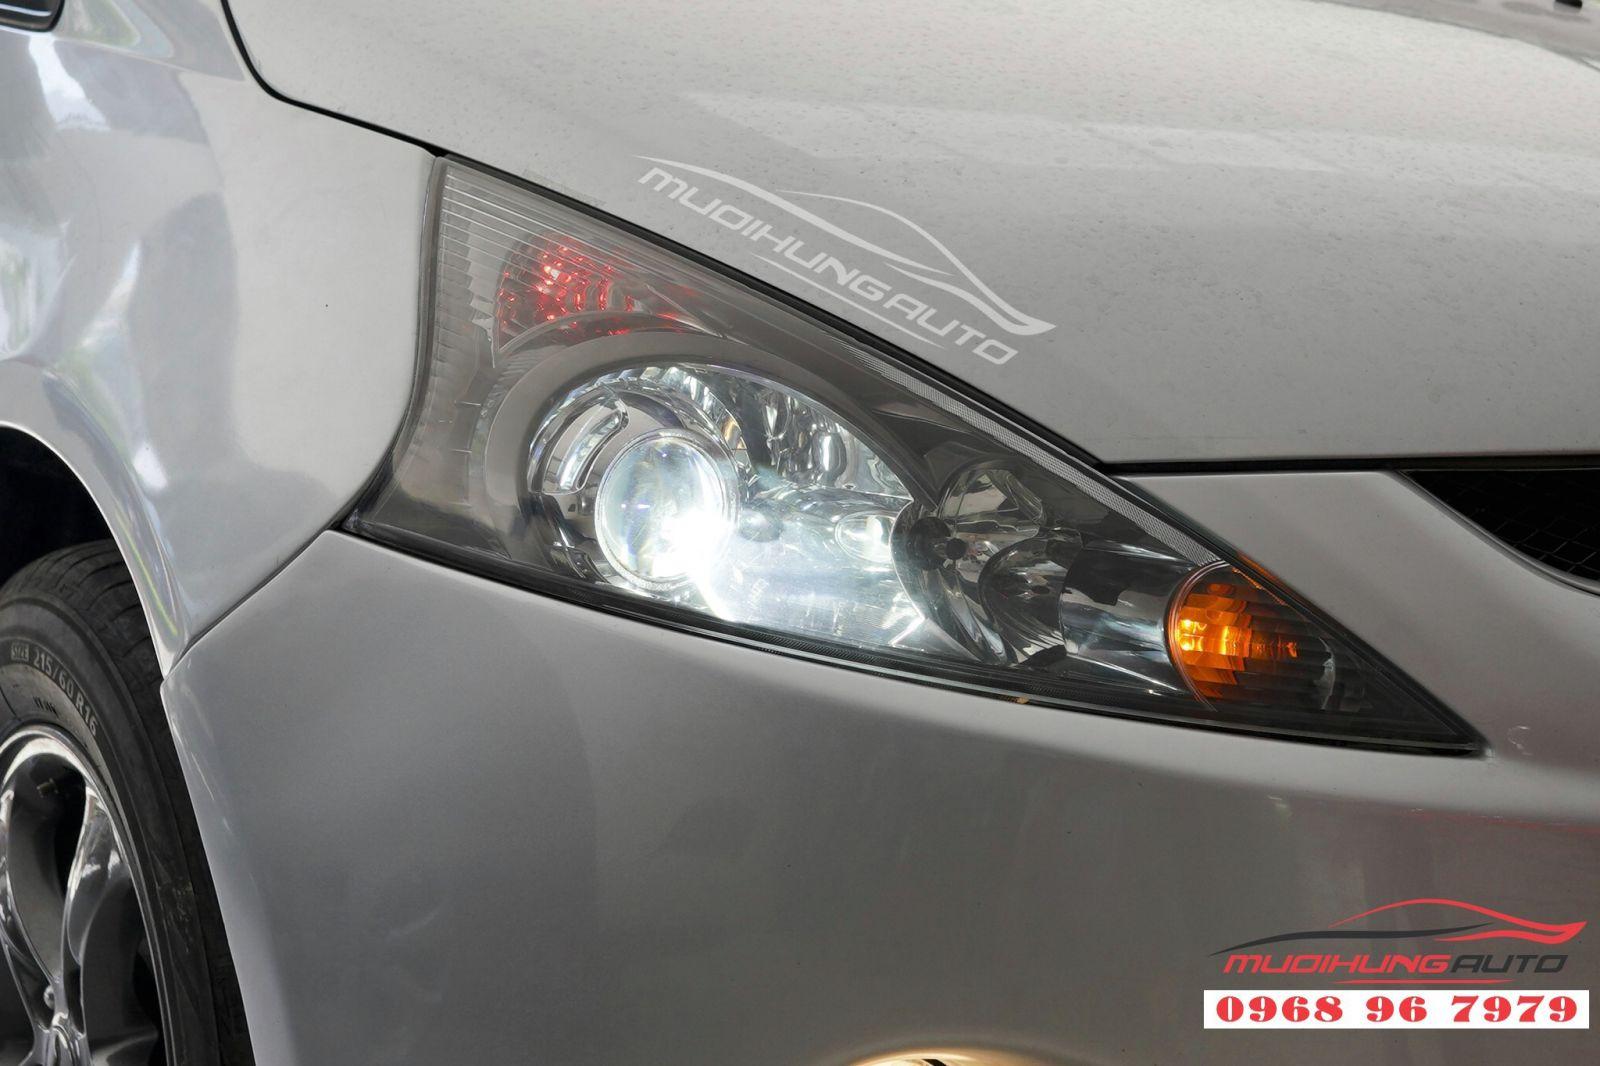 Độ bi xenon tăng sáng cho Grandis uy tín tại TP HCM 08